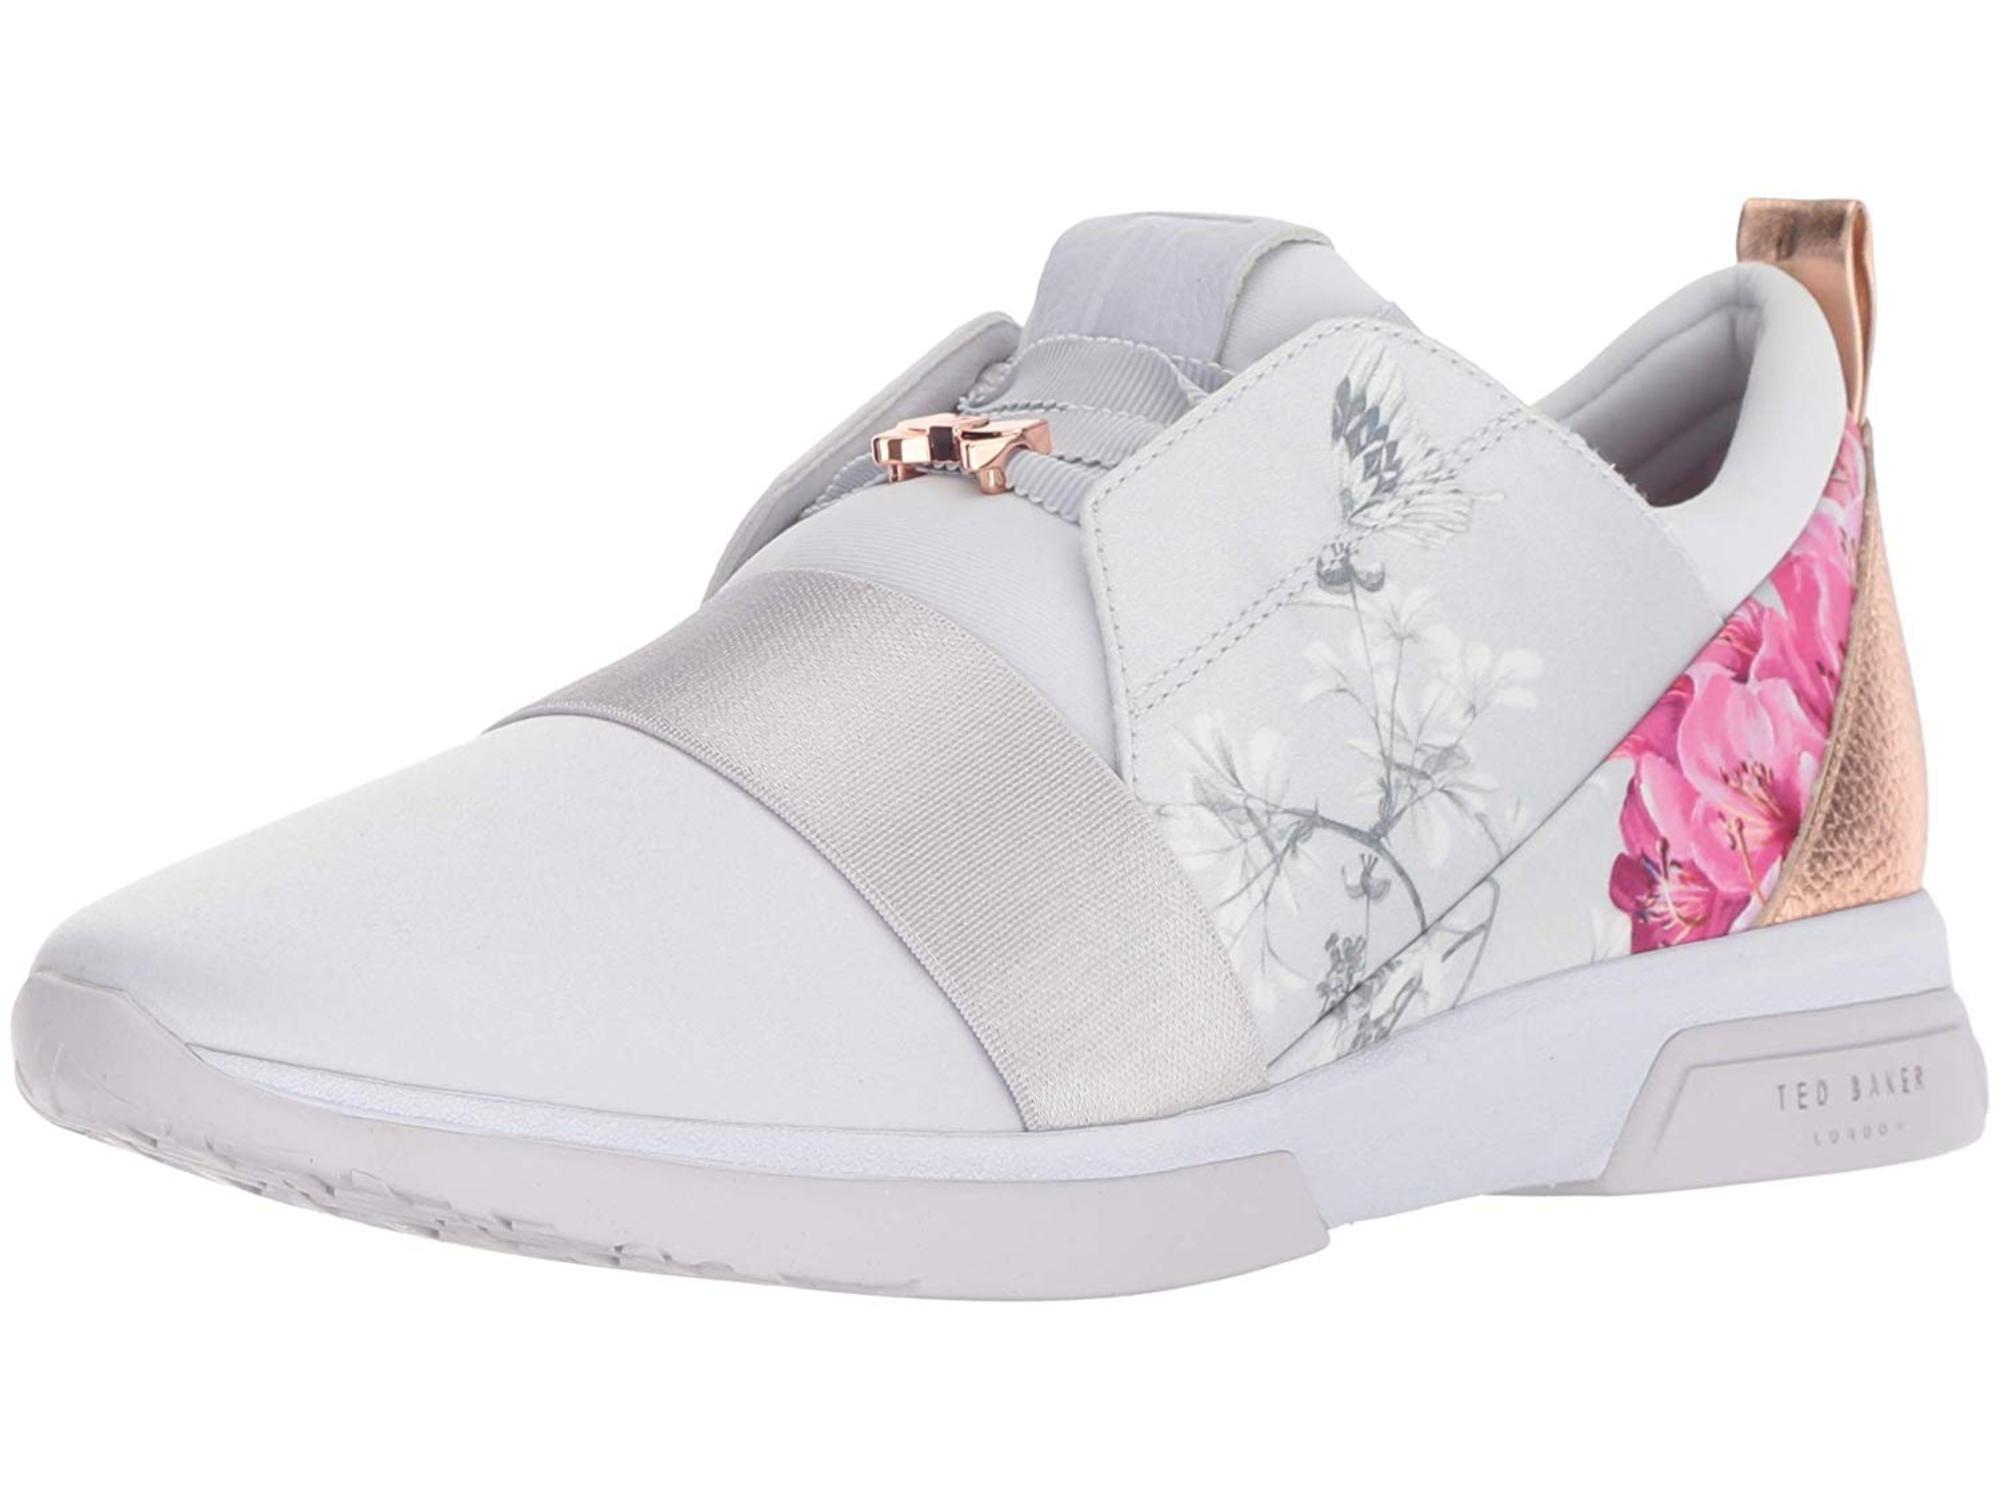 Ted Baker Women's Cepa Sneaker, White